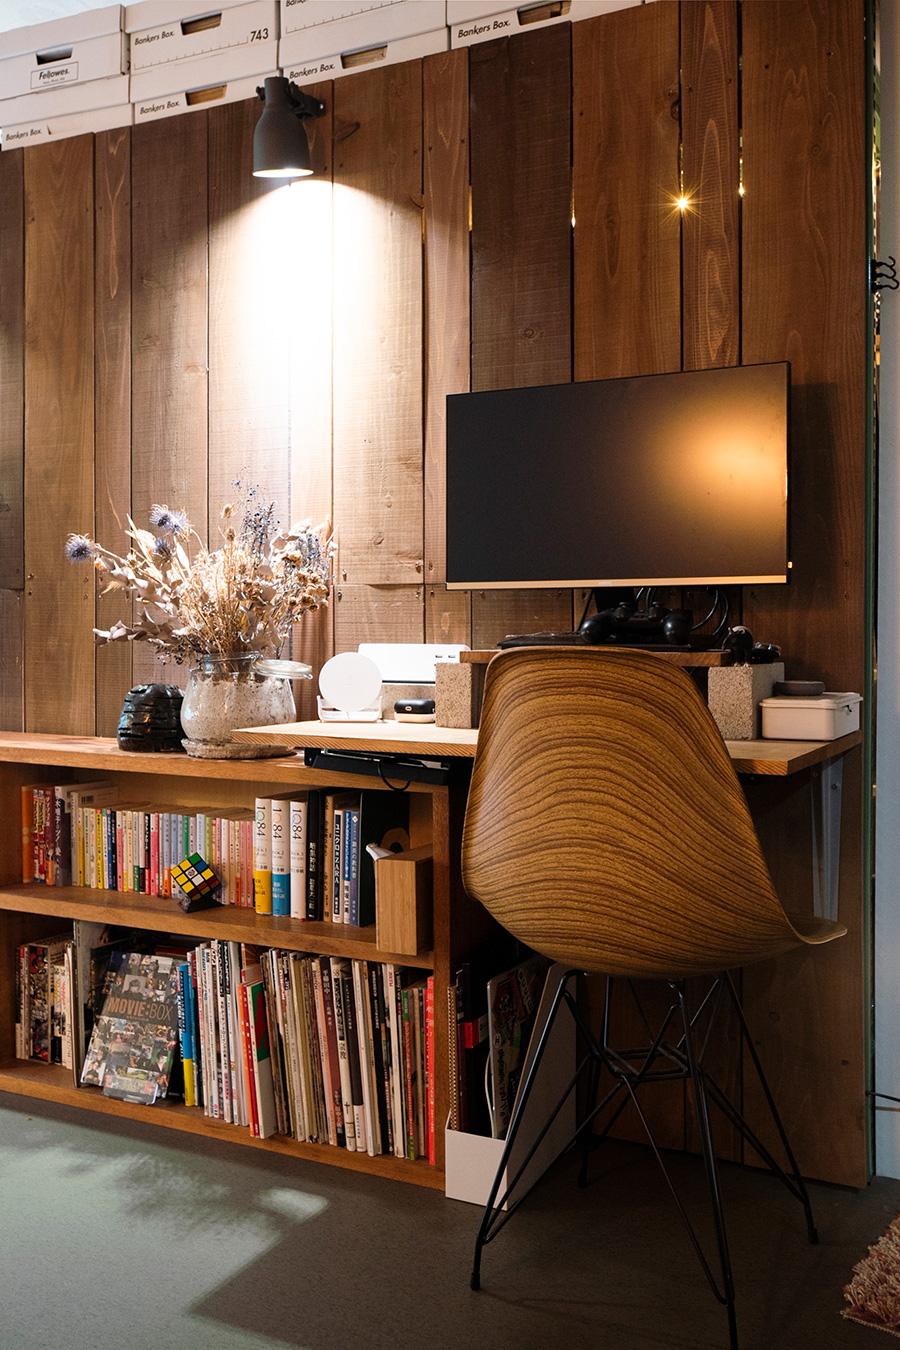 新たに設けたテレワークコーナー。ヤフオクで購入したヴィンテージの本棚にはオイル塗装を施した。